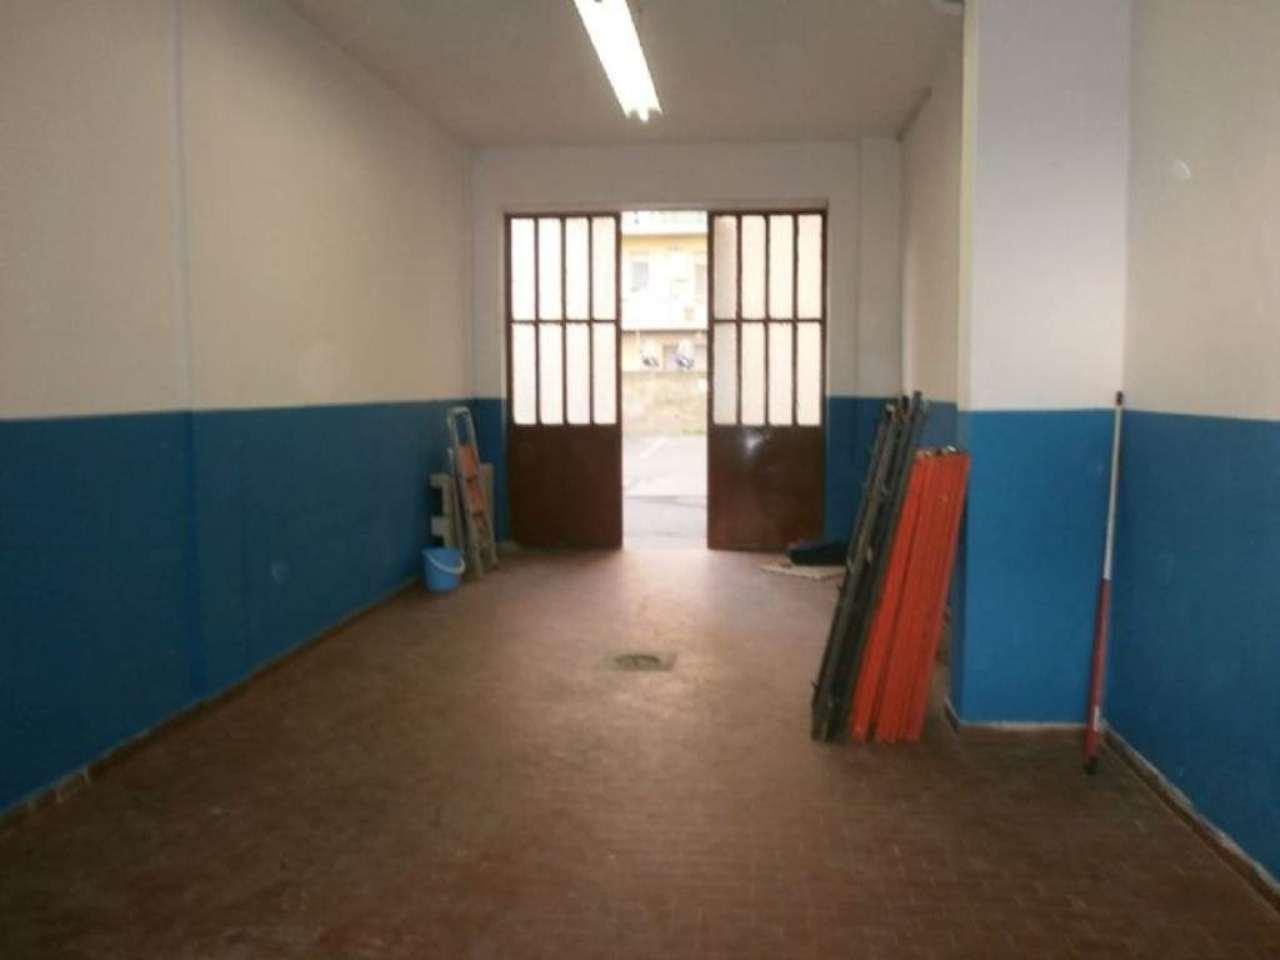 Magazzino in vendita a Scandicci, 1 locali, prezzo € 135.000 | Cambio Casa.it